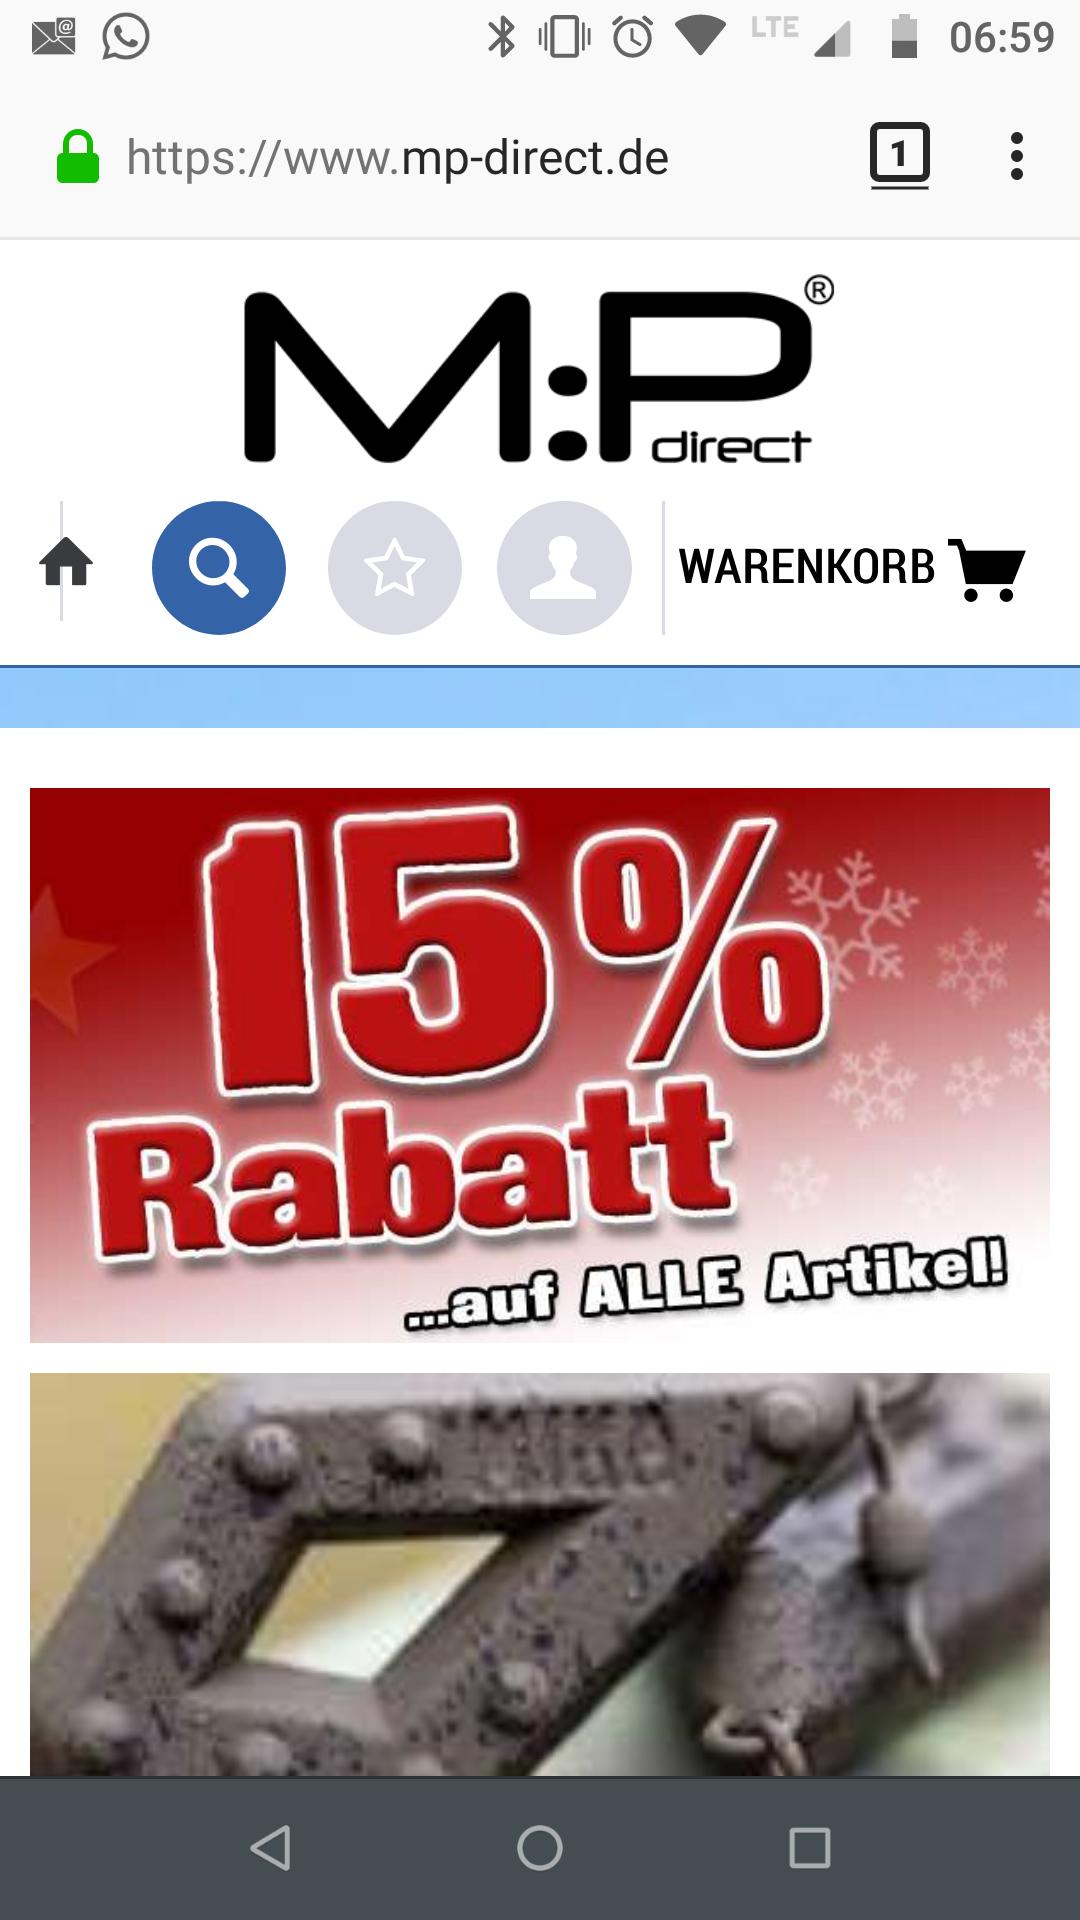 [MP-direct] 15 % Rabatt auf alle Artikel im Shop von MIKA Products